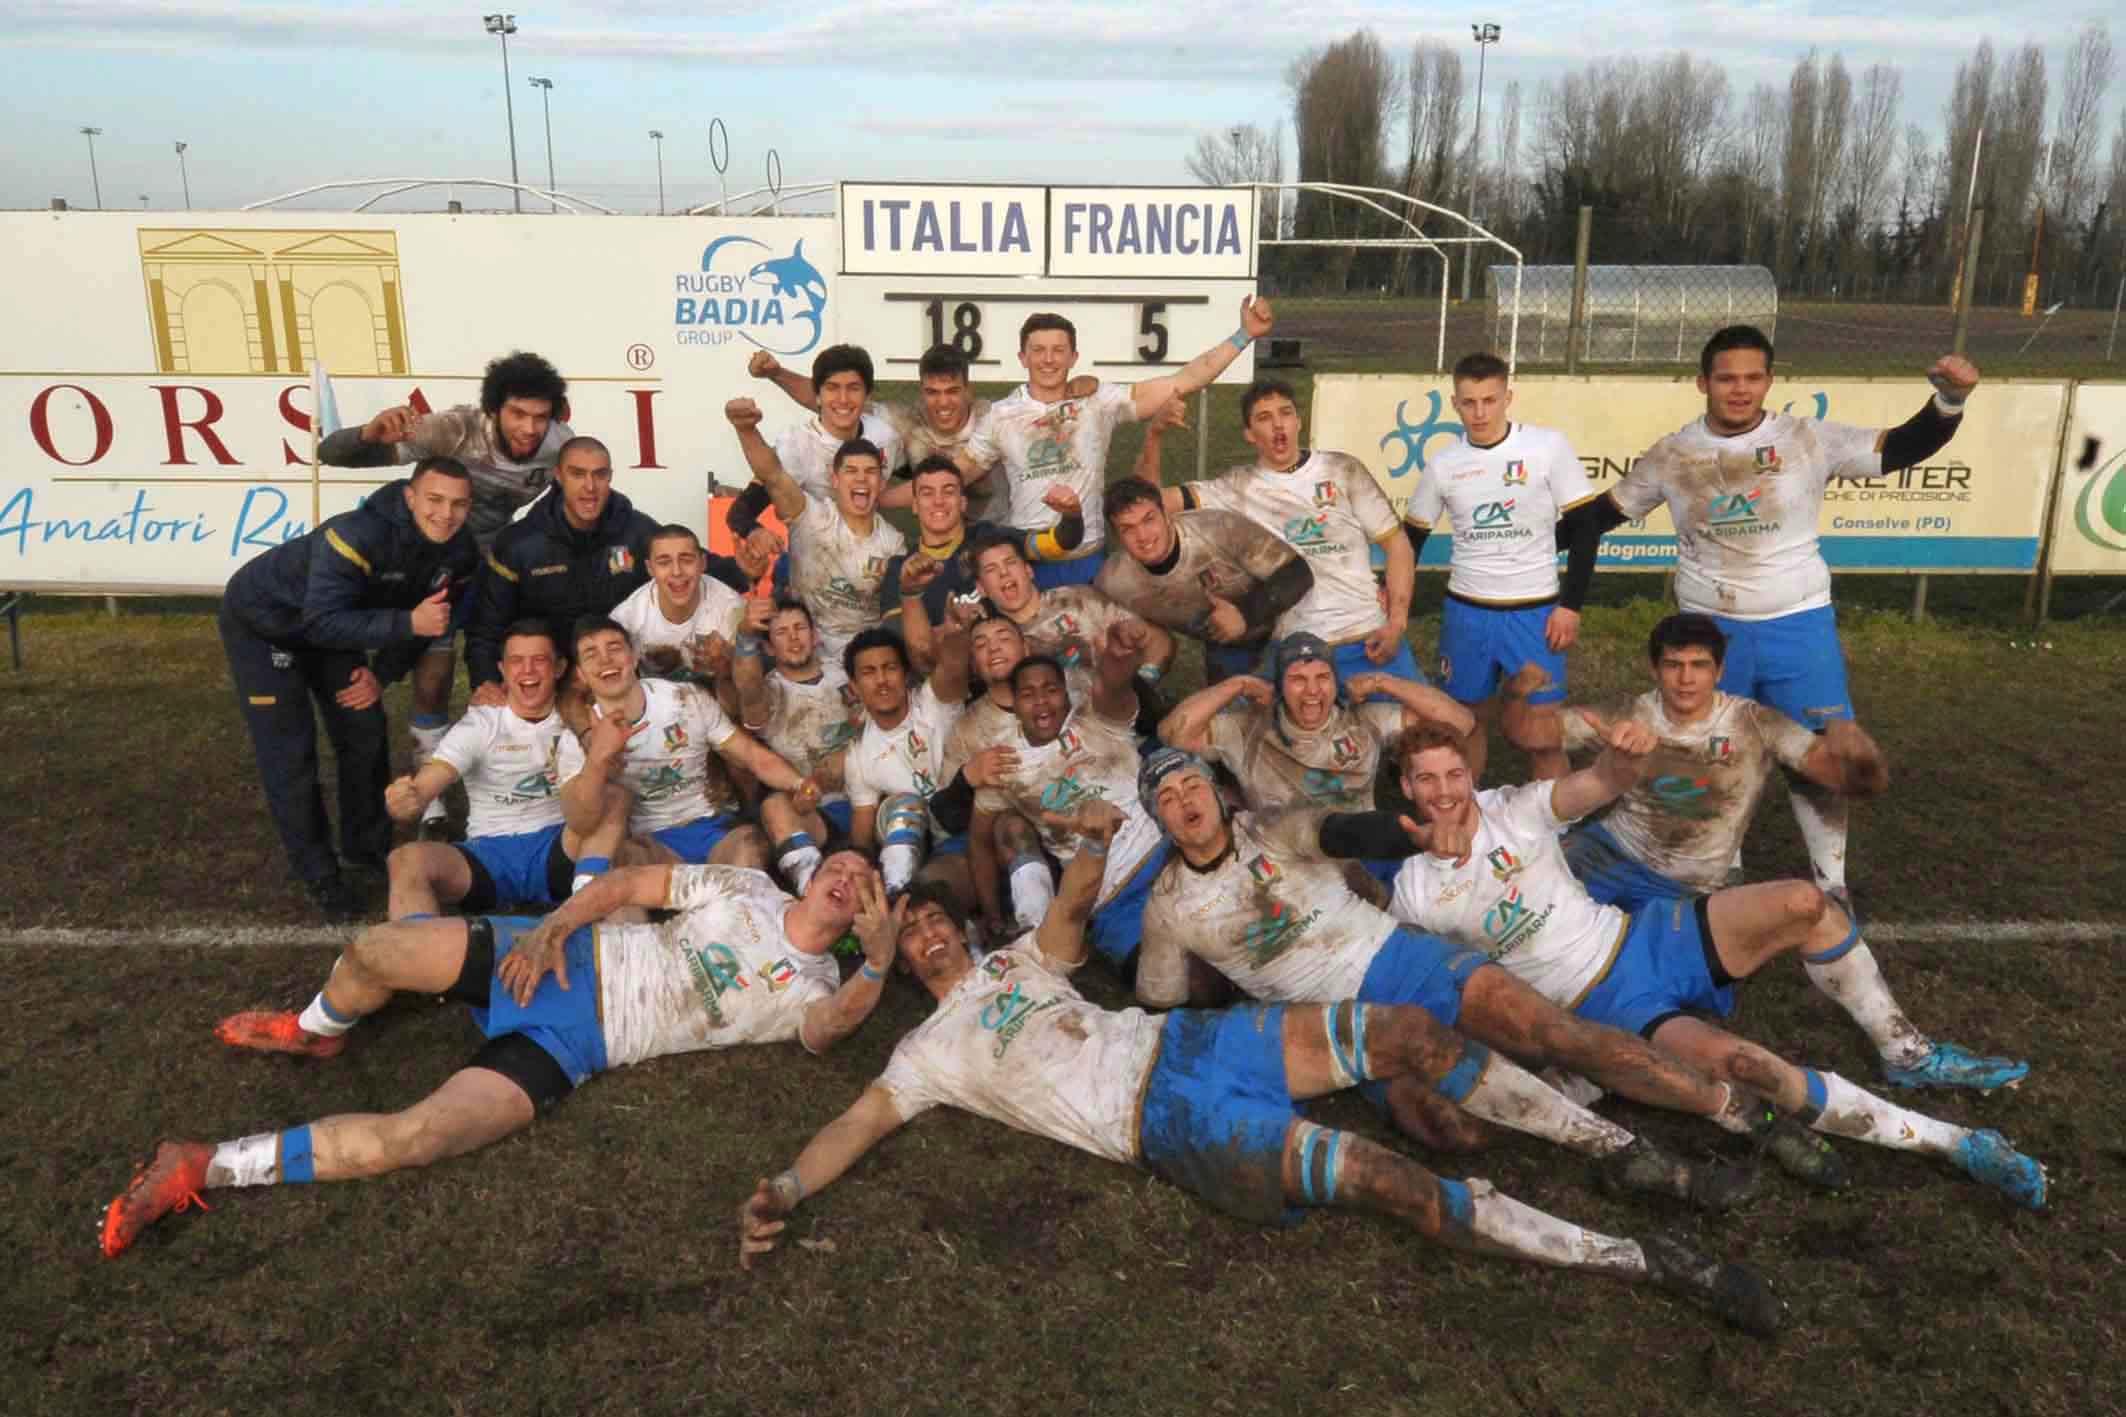 Italia-Francia U18  0023